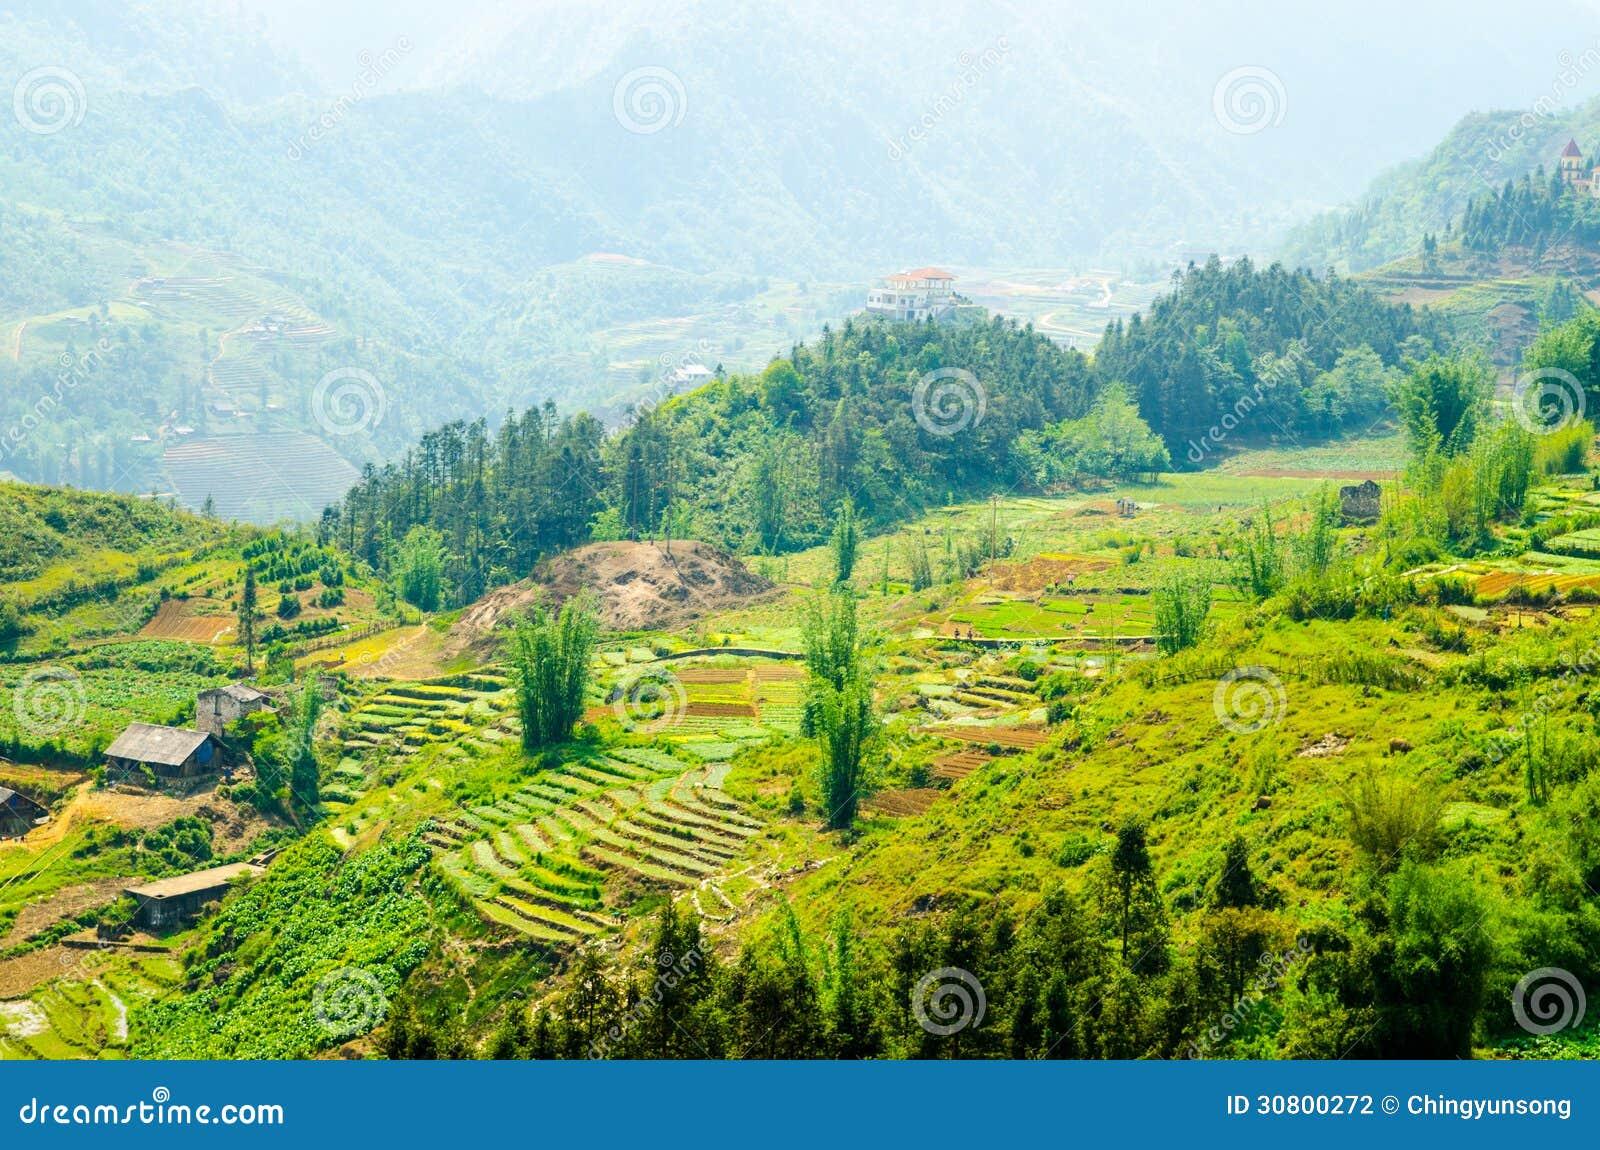 Terraced Rice Fields In Vietnam. Southeast Asia Beauty